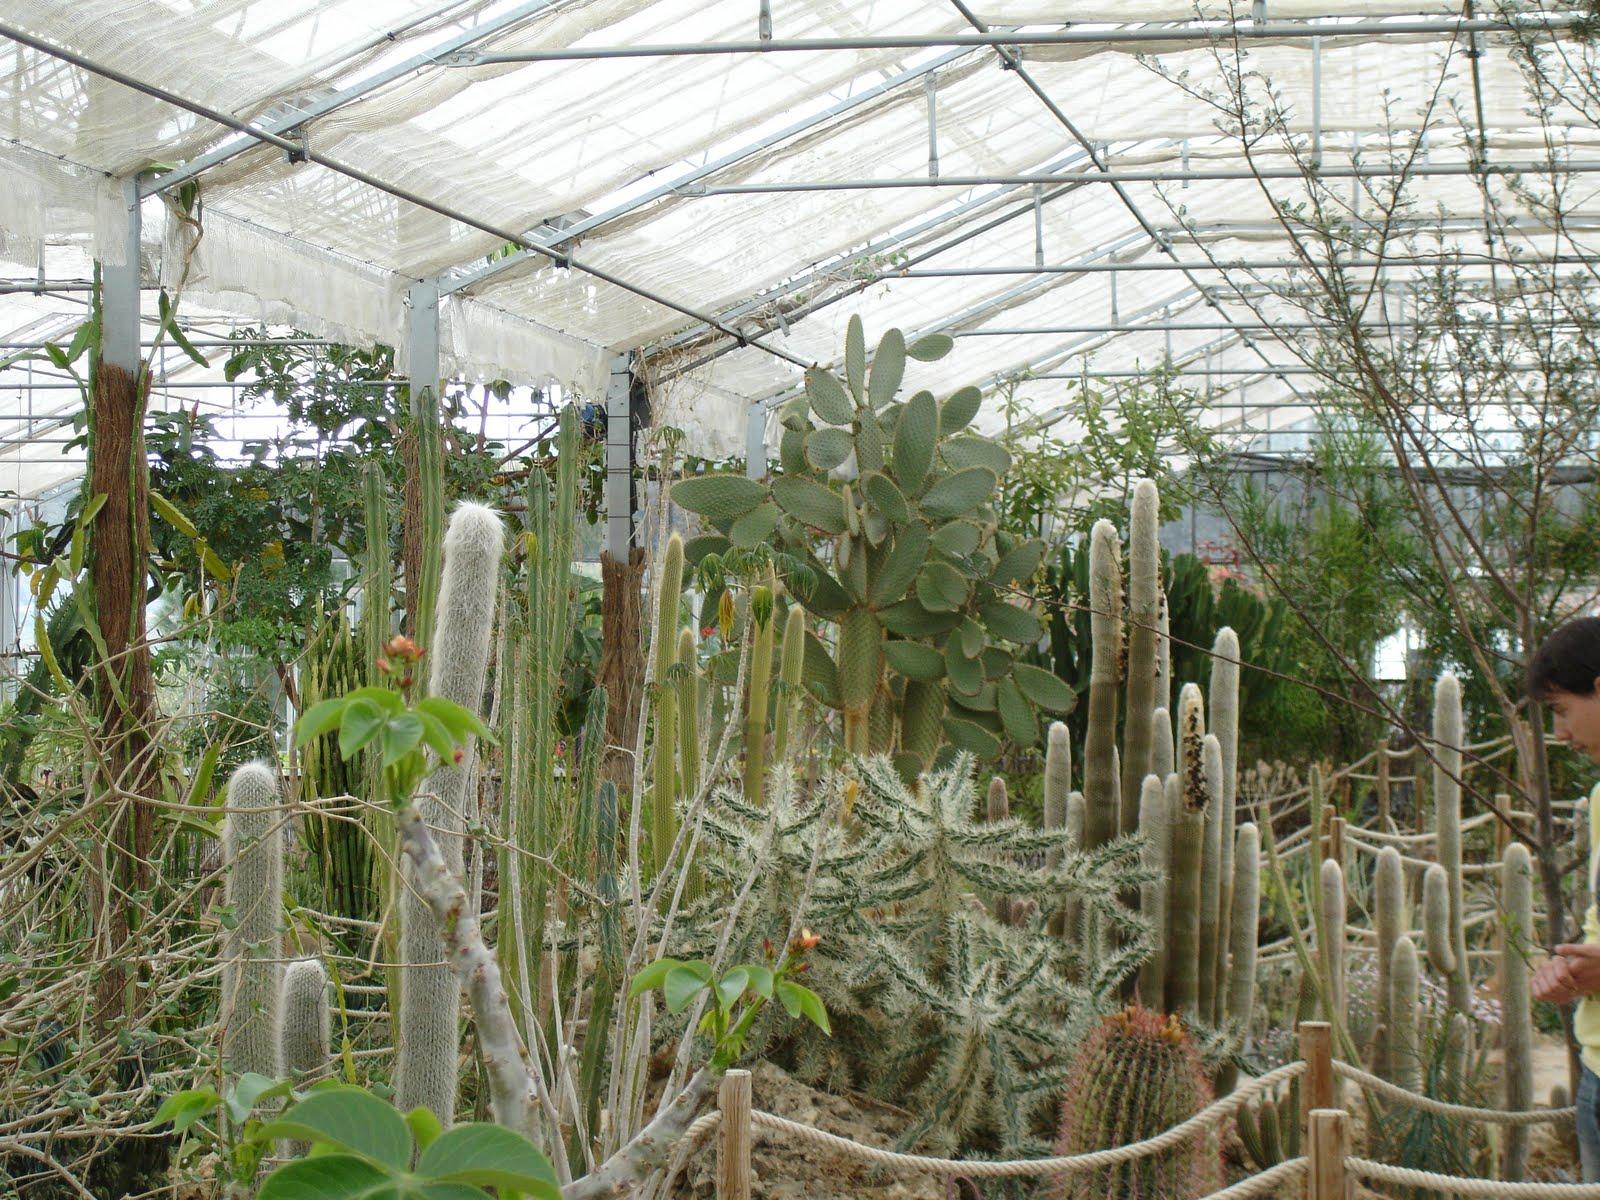 La casa de los cactus visita al jardin botanico de cactus for Casa jardin botanico